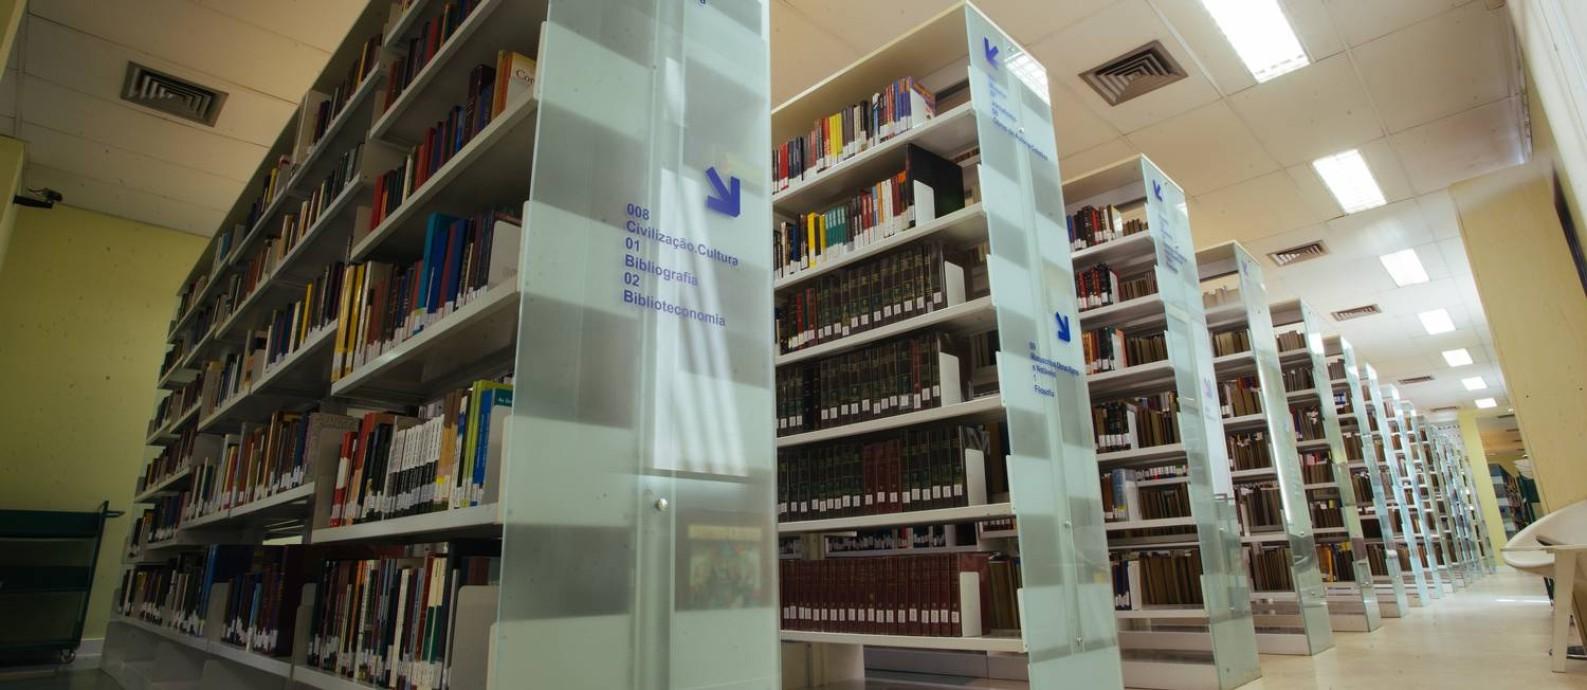 Biblioteca do CCBB: acervo de 125 mil obras Foto: Divulgação/Rafael Pereira / Divulgaçao